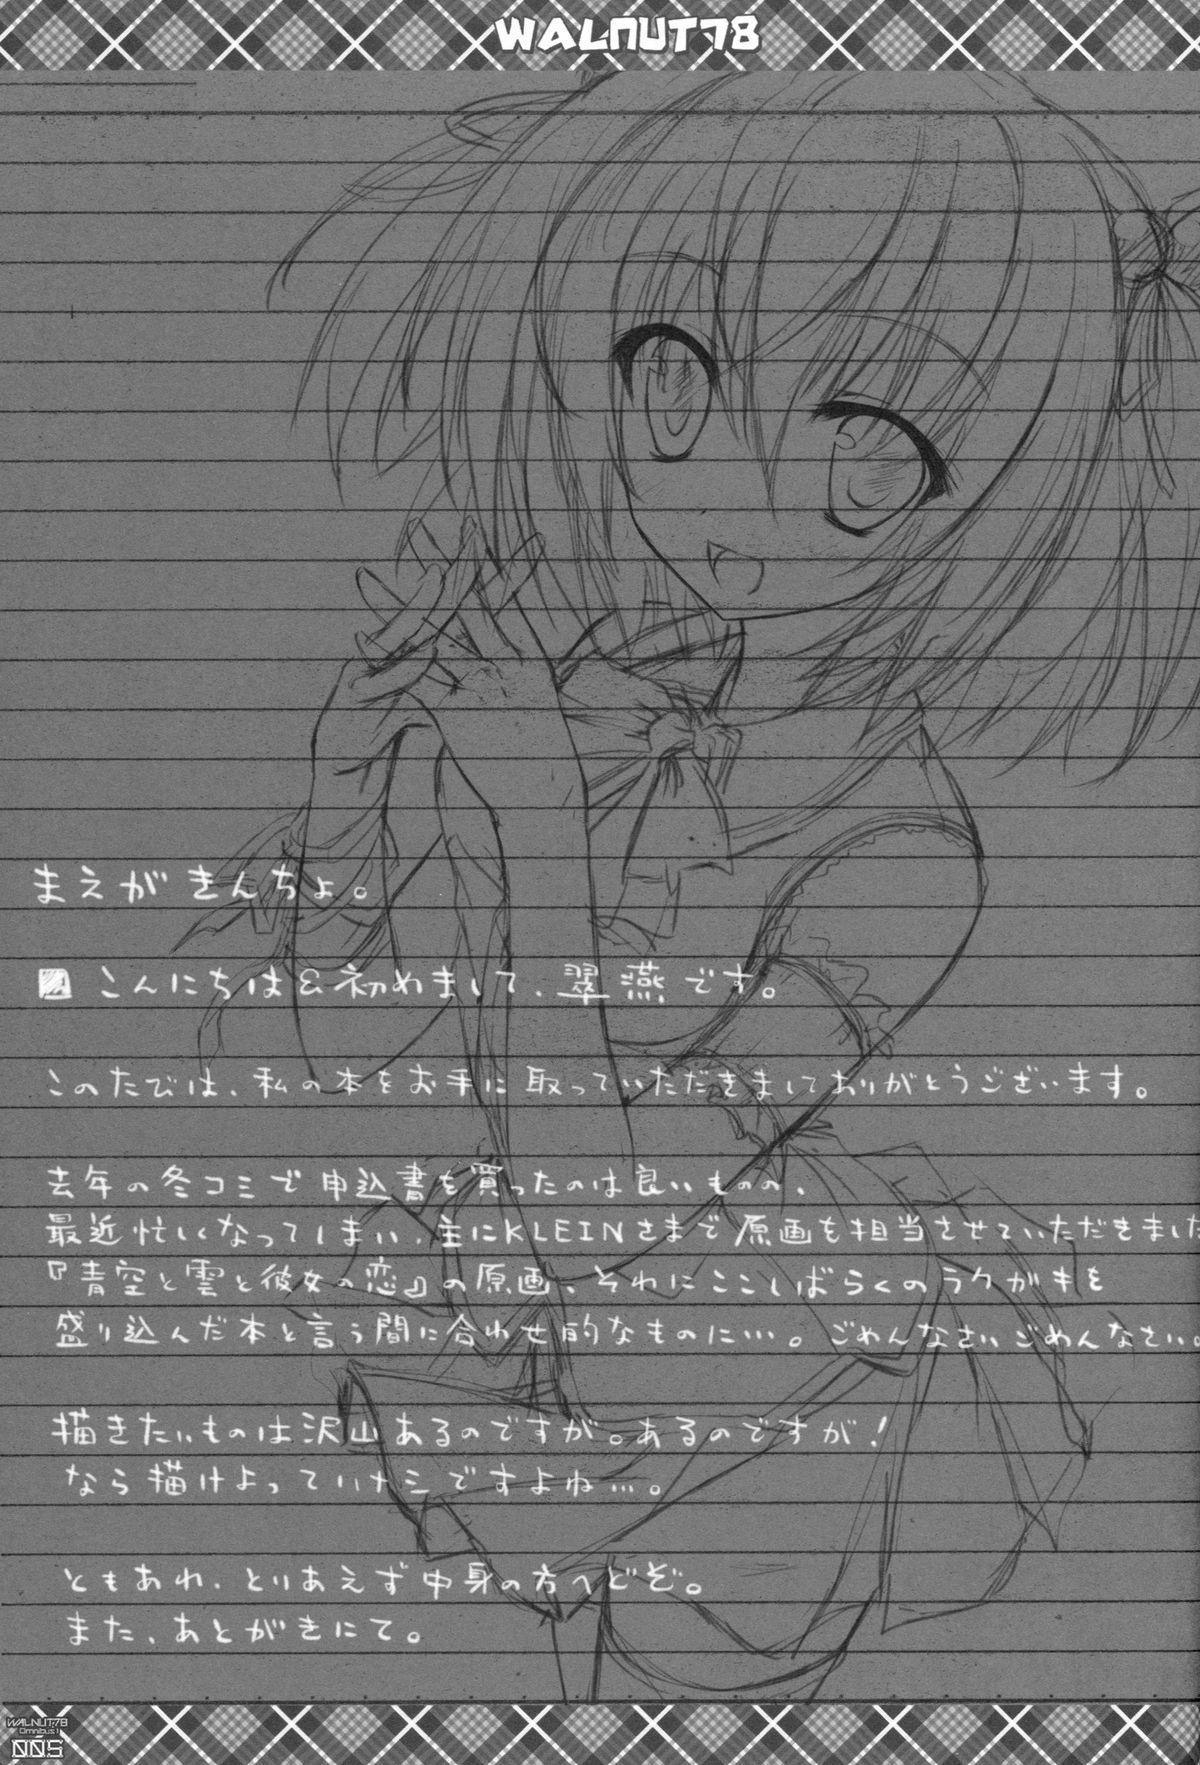 (C89) [Sui-en (Sui-en)] WALNUT78 Omnibus 1 -Suien-en Illustrations 2012-2014- (Various) 2